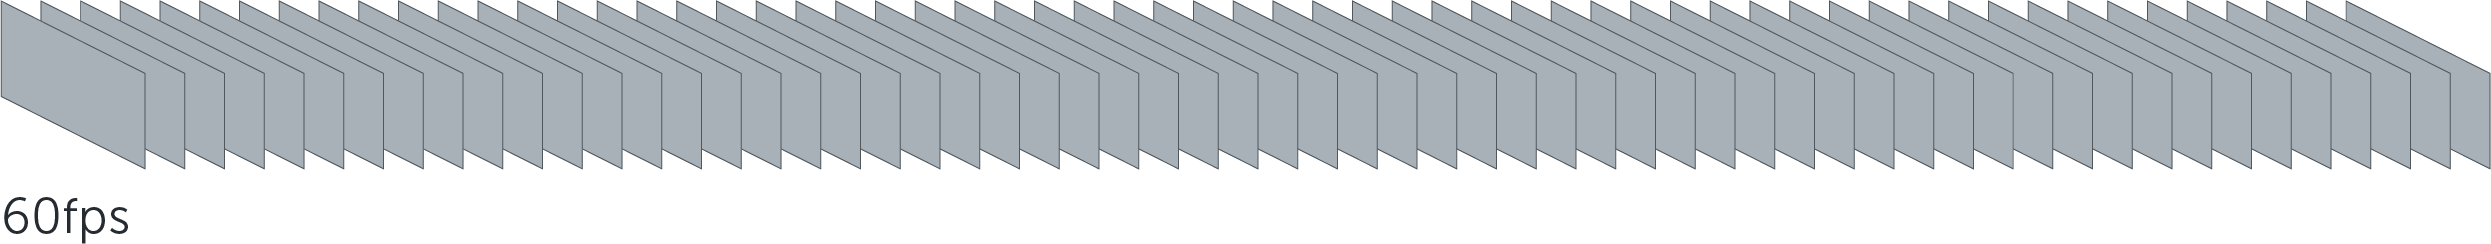 FPS幀數是什麼?24fps、30fps、60fps有什麼區別? - 銳力電子實驗室